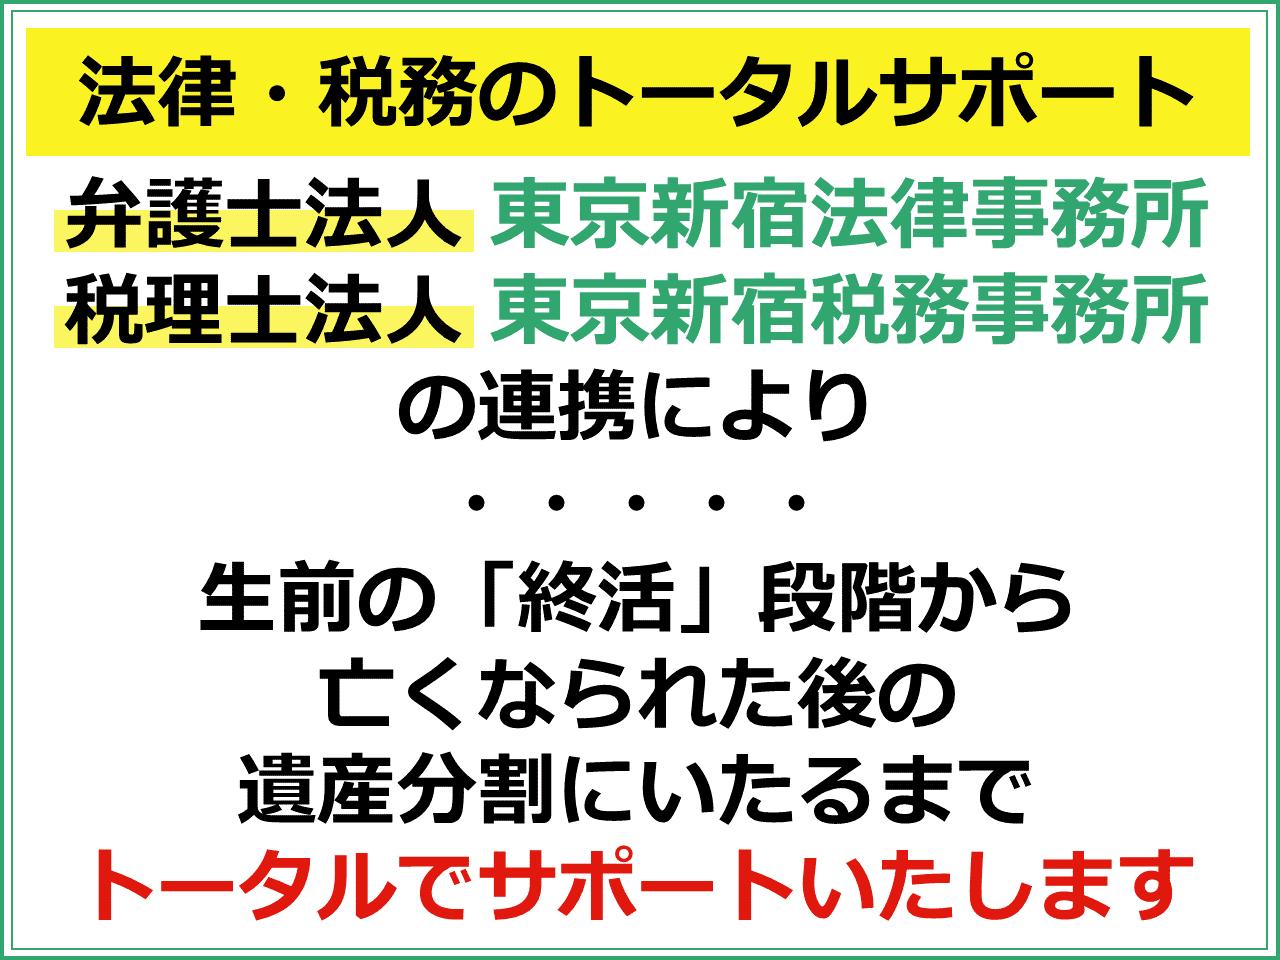 法律・税務のトータルサポート 弁護士法人 東京新宿法律事務所 税理士法人 東京新宿税務事務所 の連携により ・・・・・ 生前の「終活」段階から 亡くなられた後の 遺産分割にいたるまで トータルでサポートいたします